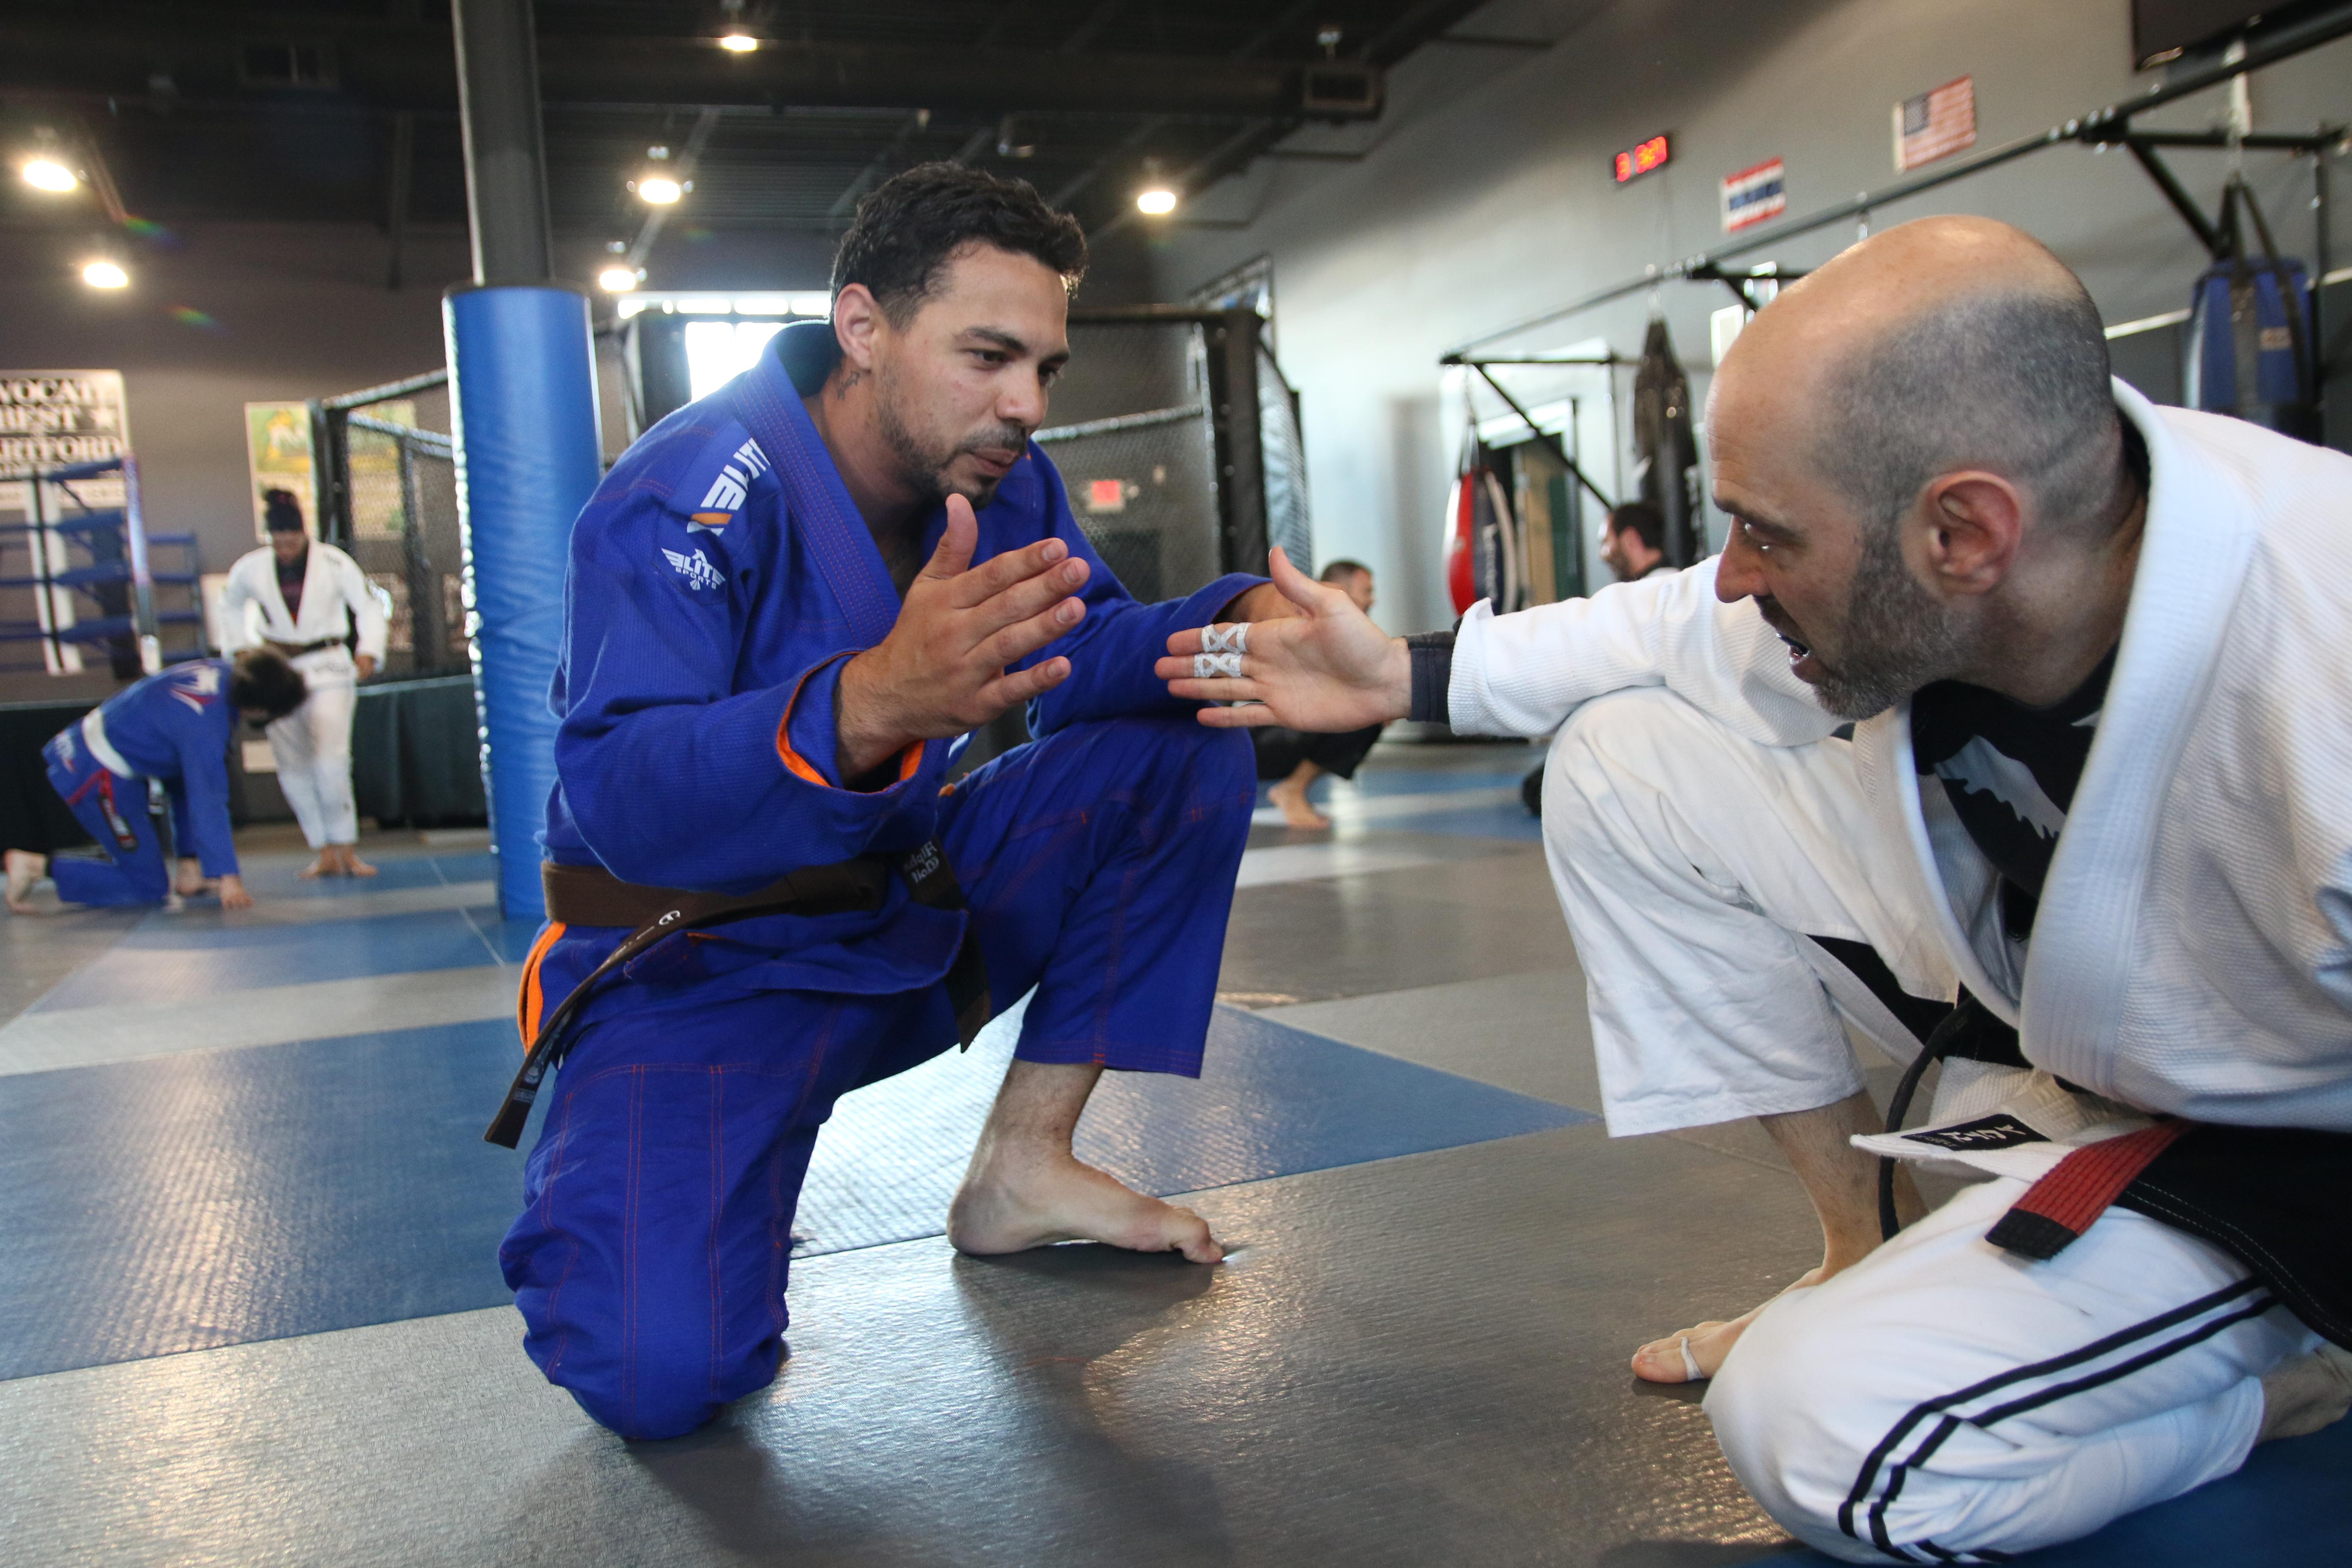 Brazilian Jiu-Jitsu: The Benefits